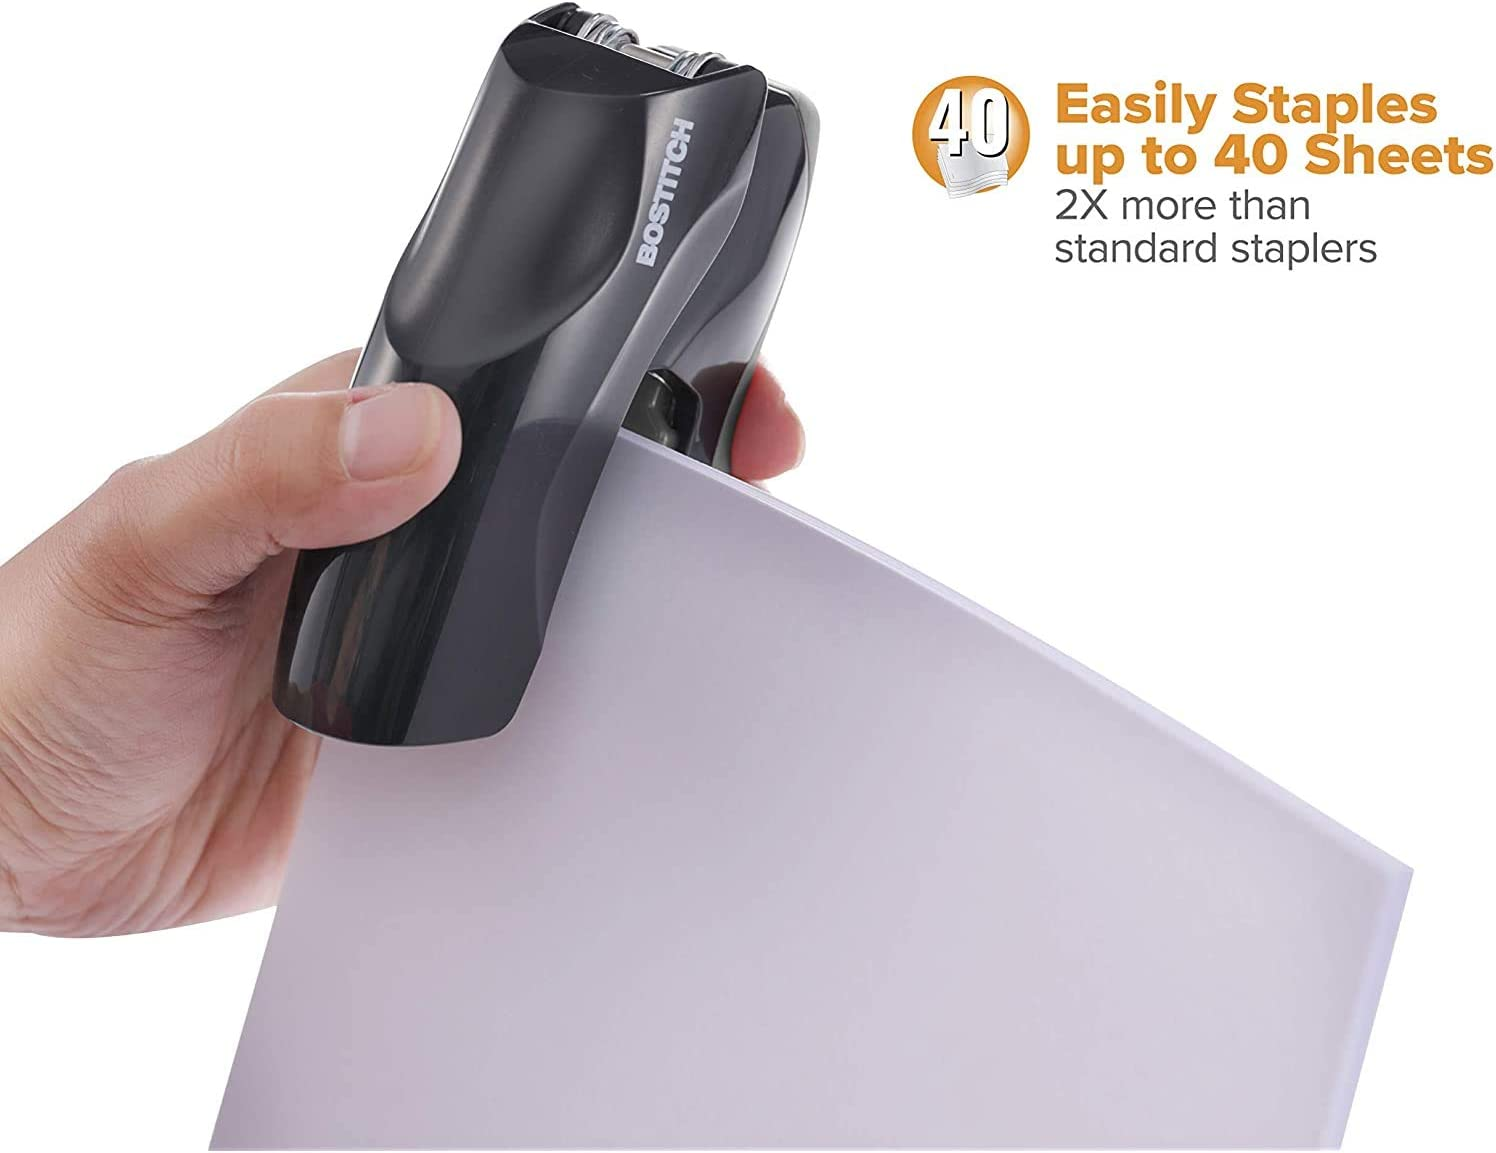 40 Sheet Stapler Small